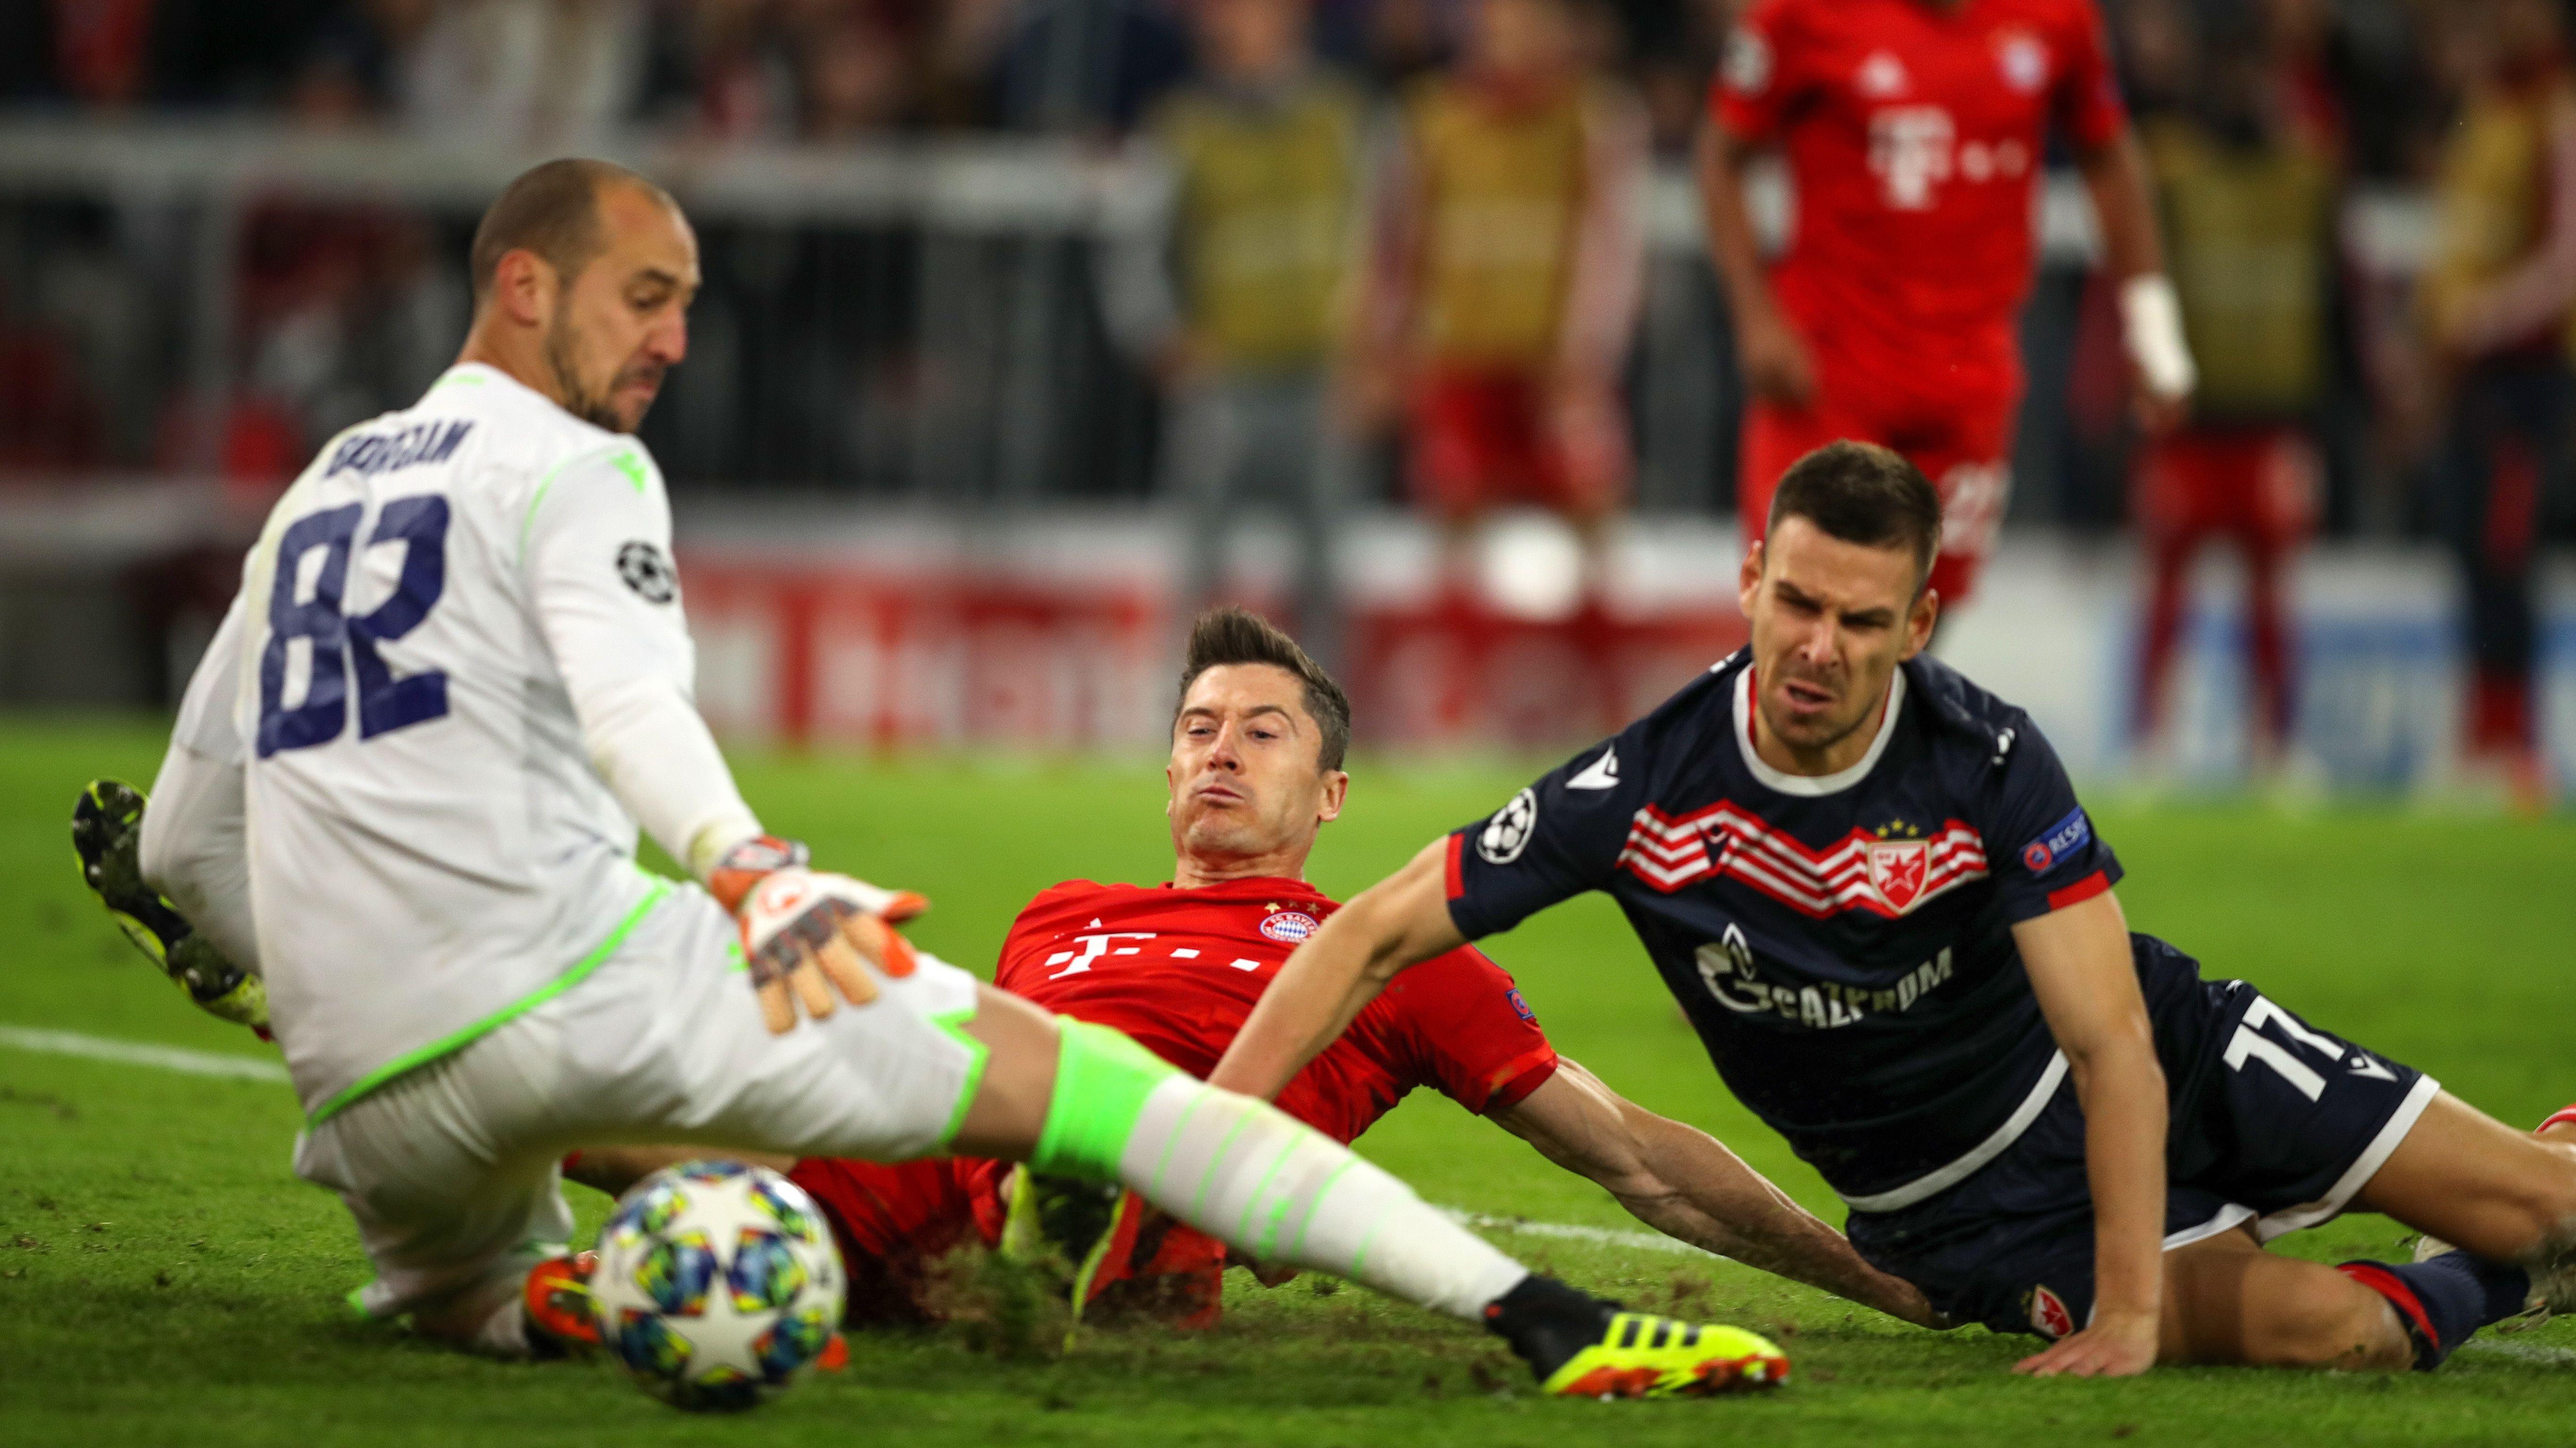 Spielszene aus dem Hinspiel in München